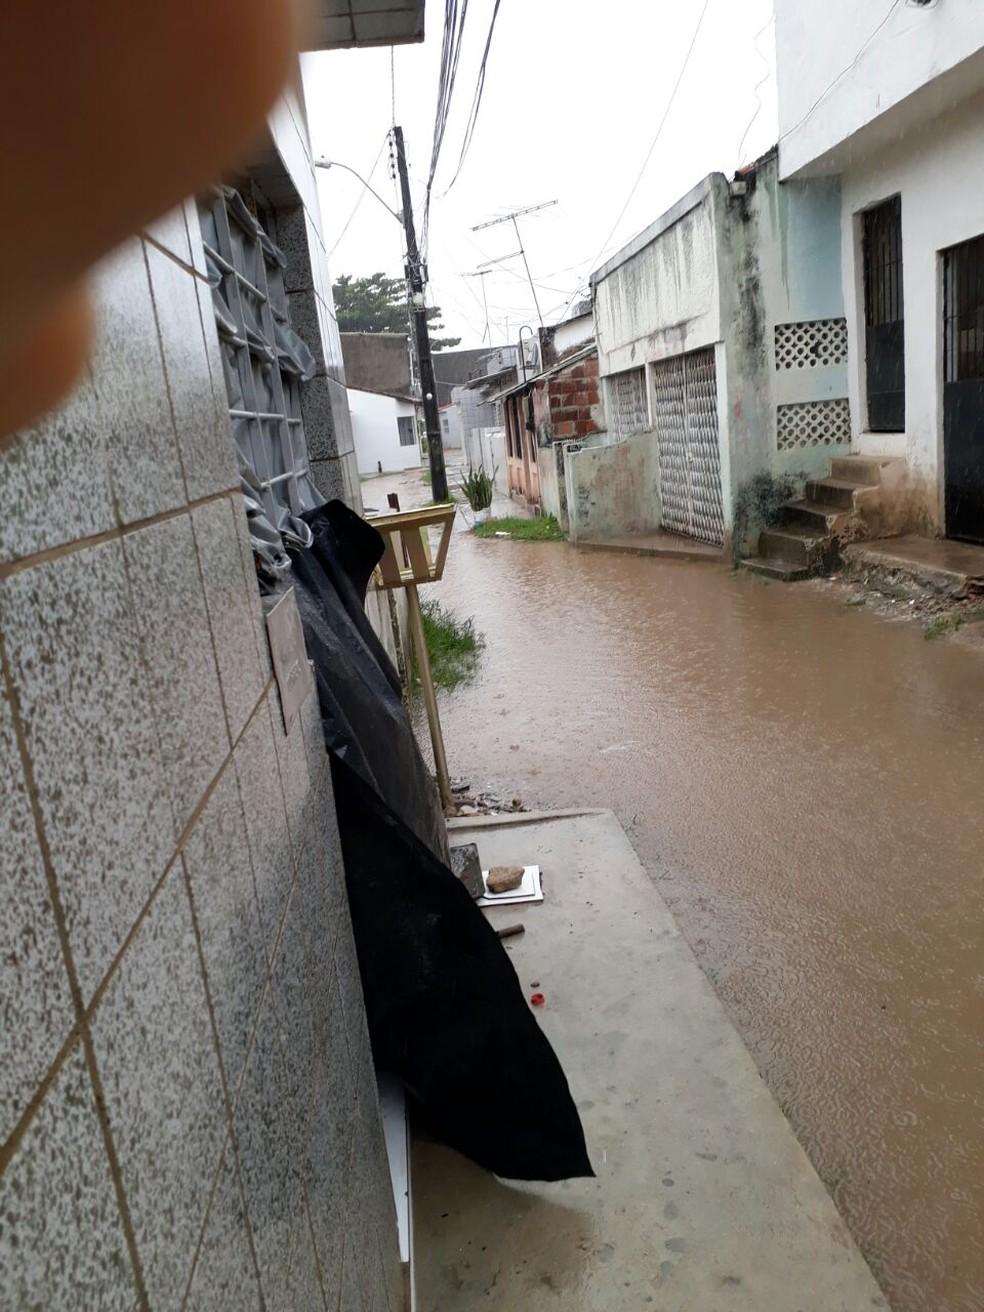 Internauta registrou alagamento na Rua Engenho Camboinha, no bairro da Imbiribeira (Foto: Reprodução/WhatApp)